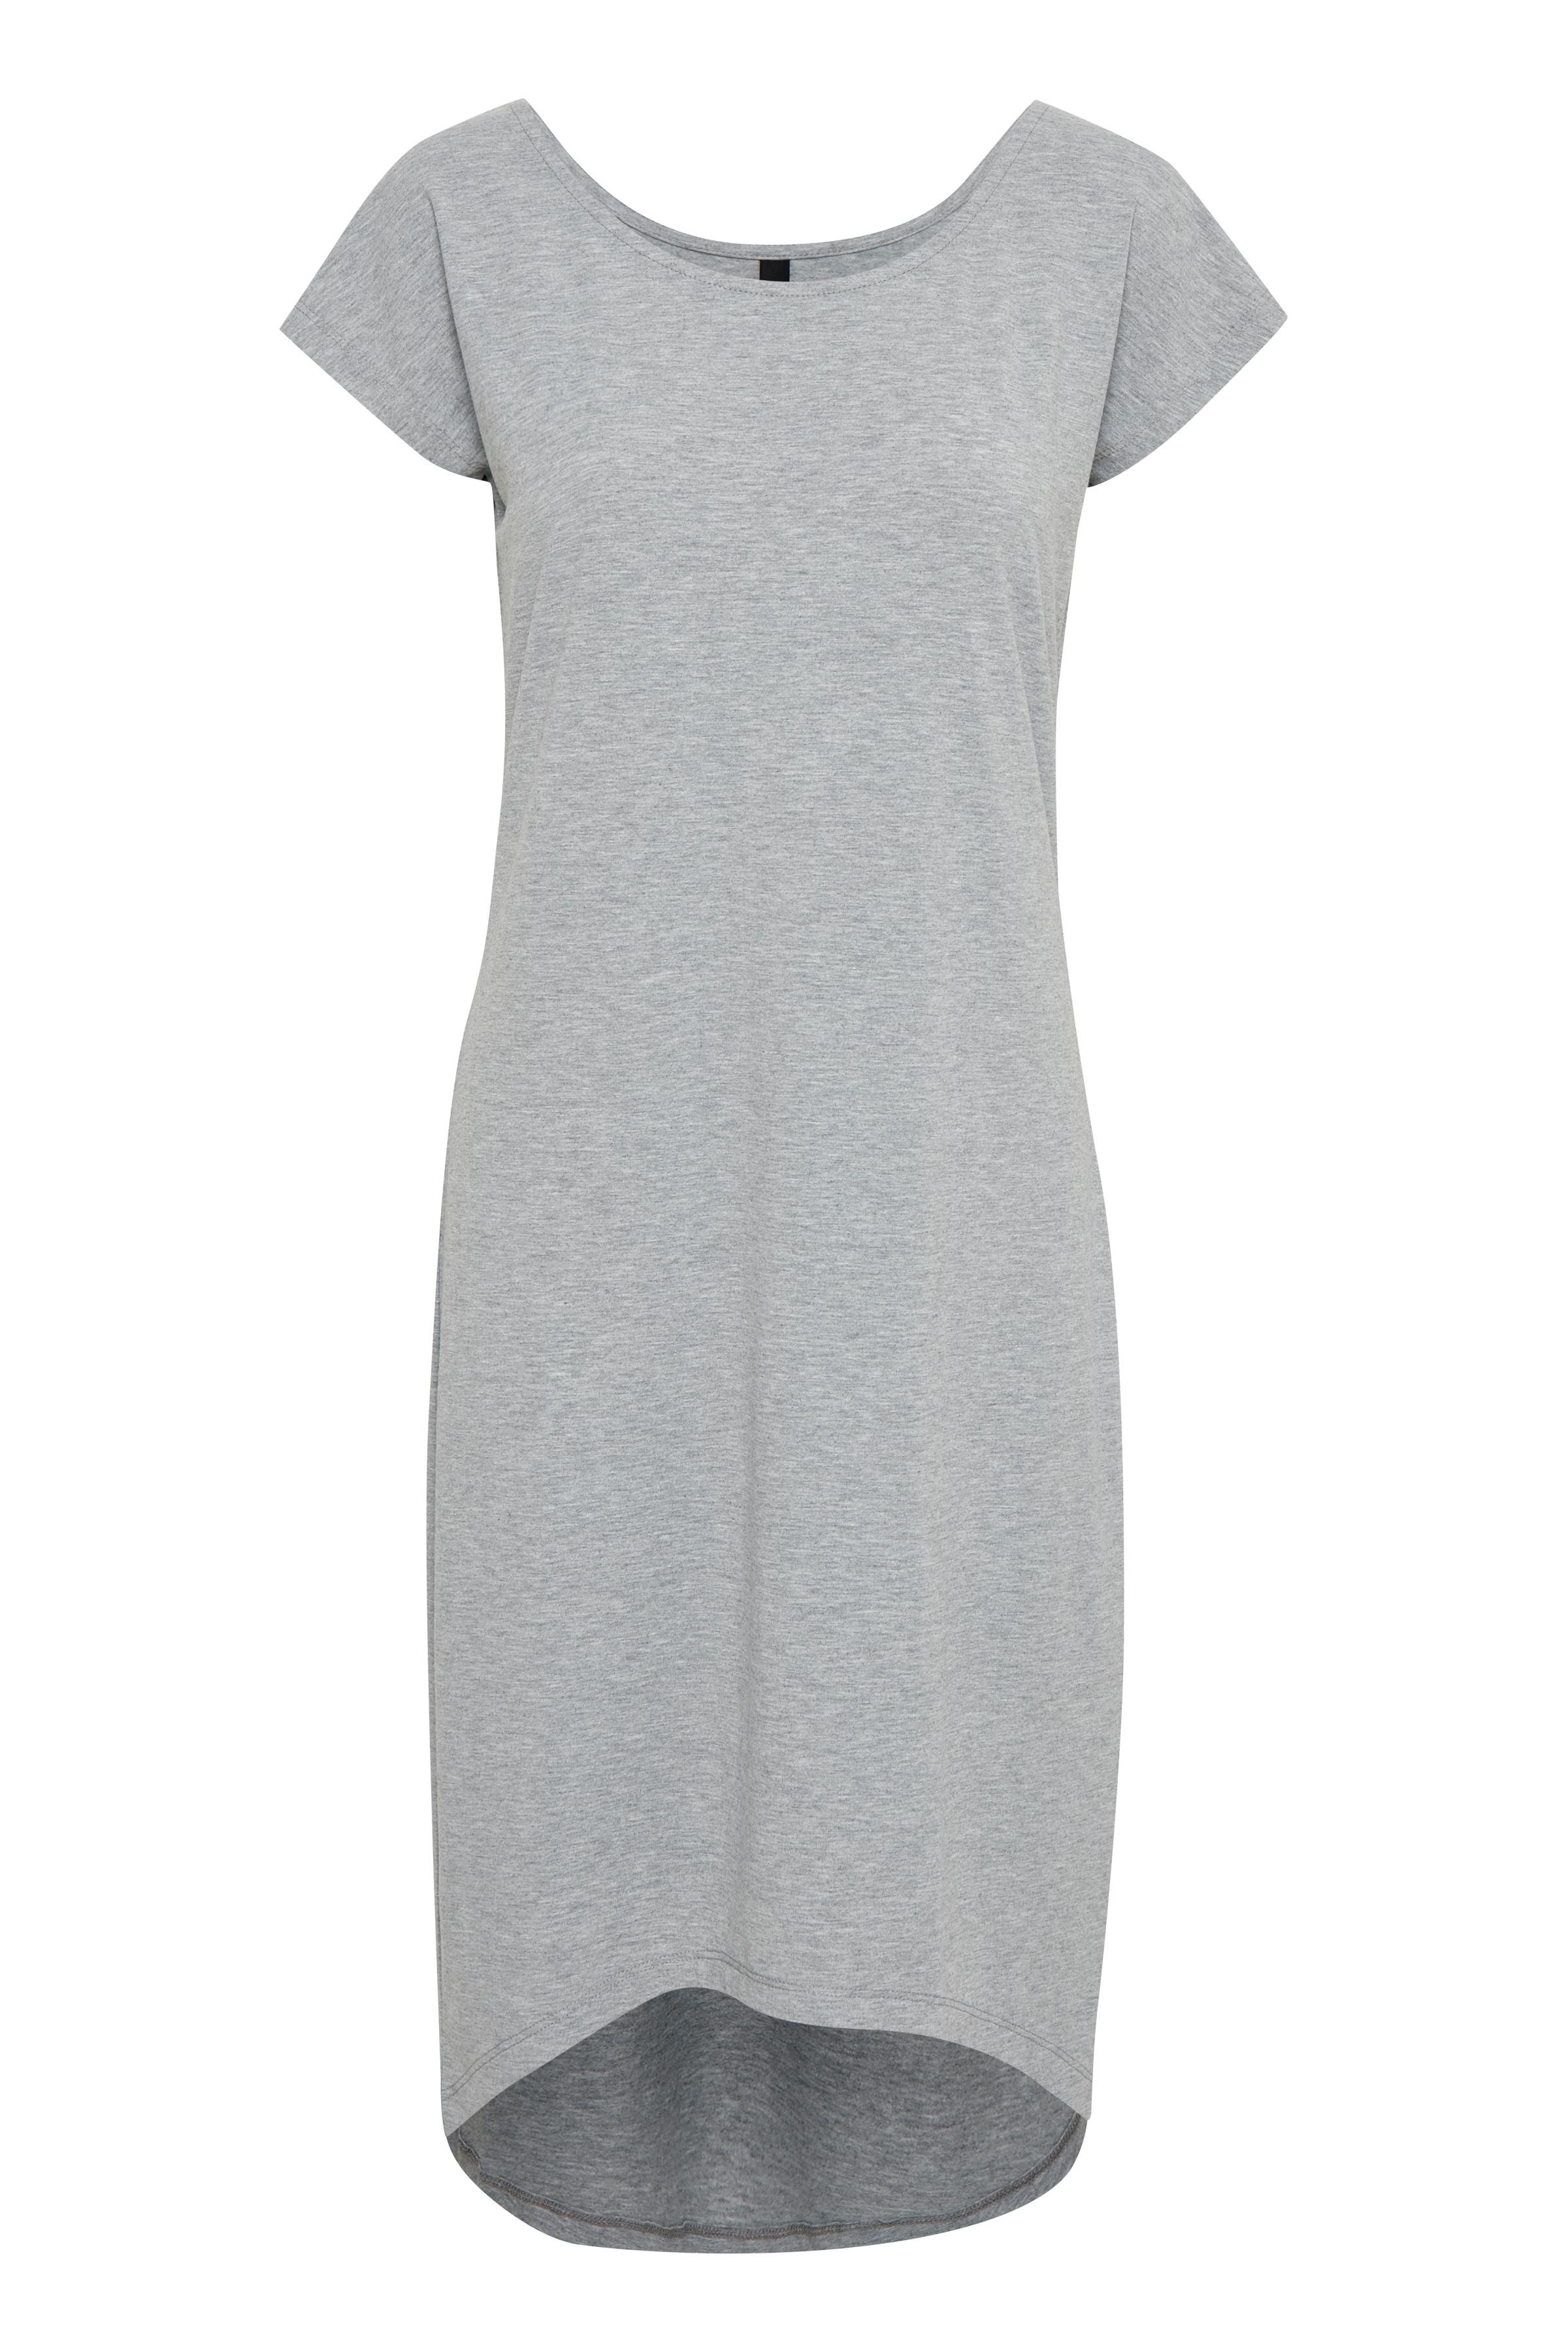 Pulz Jeans Dame Kjole - Light Grey Melange